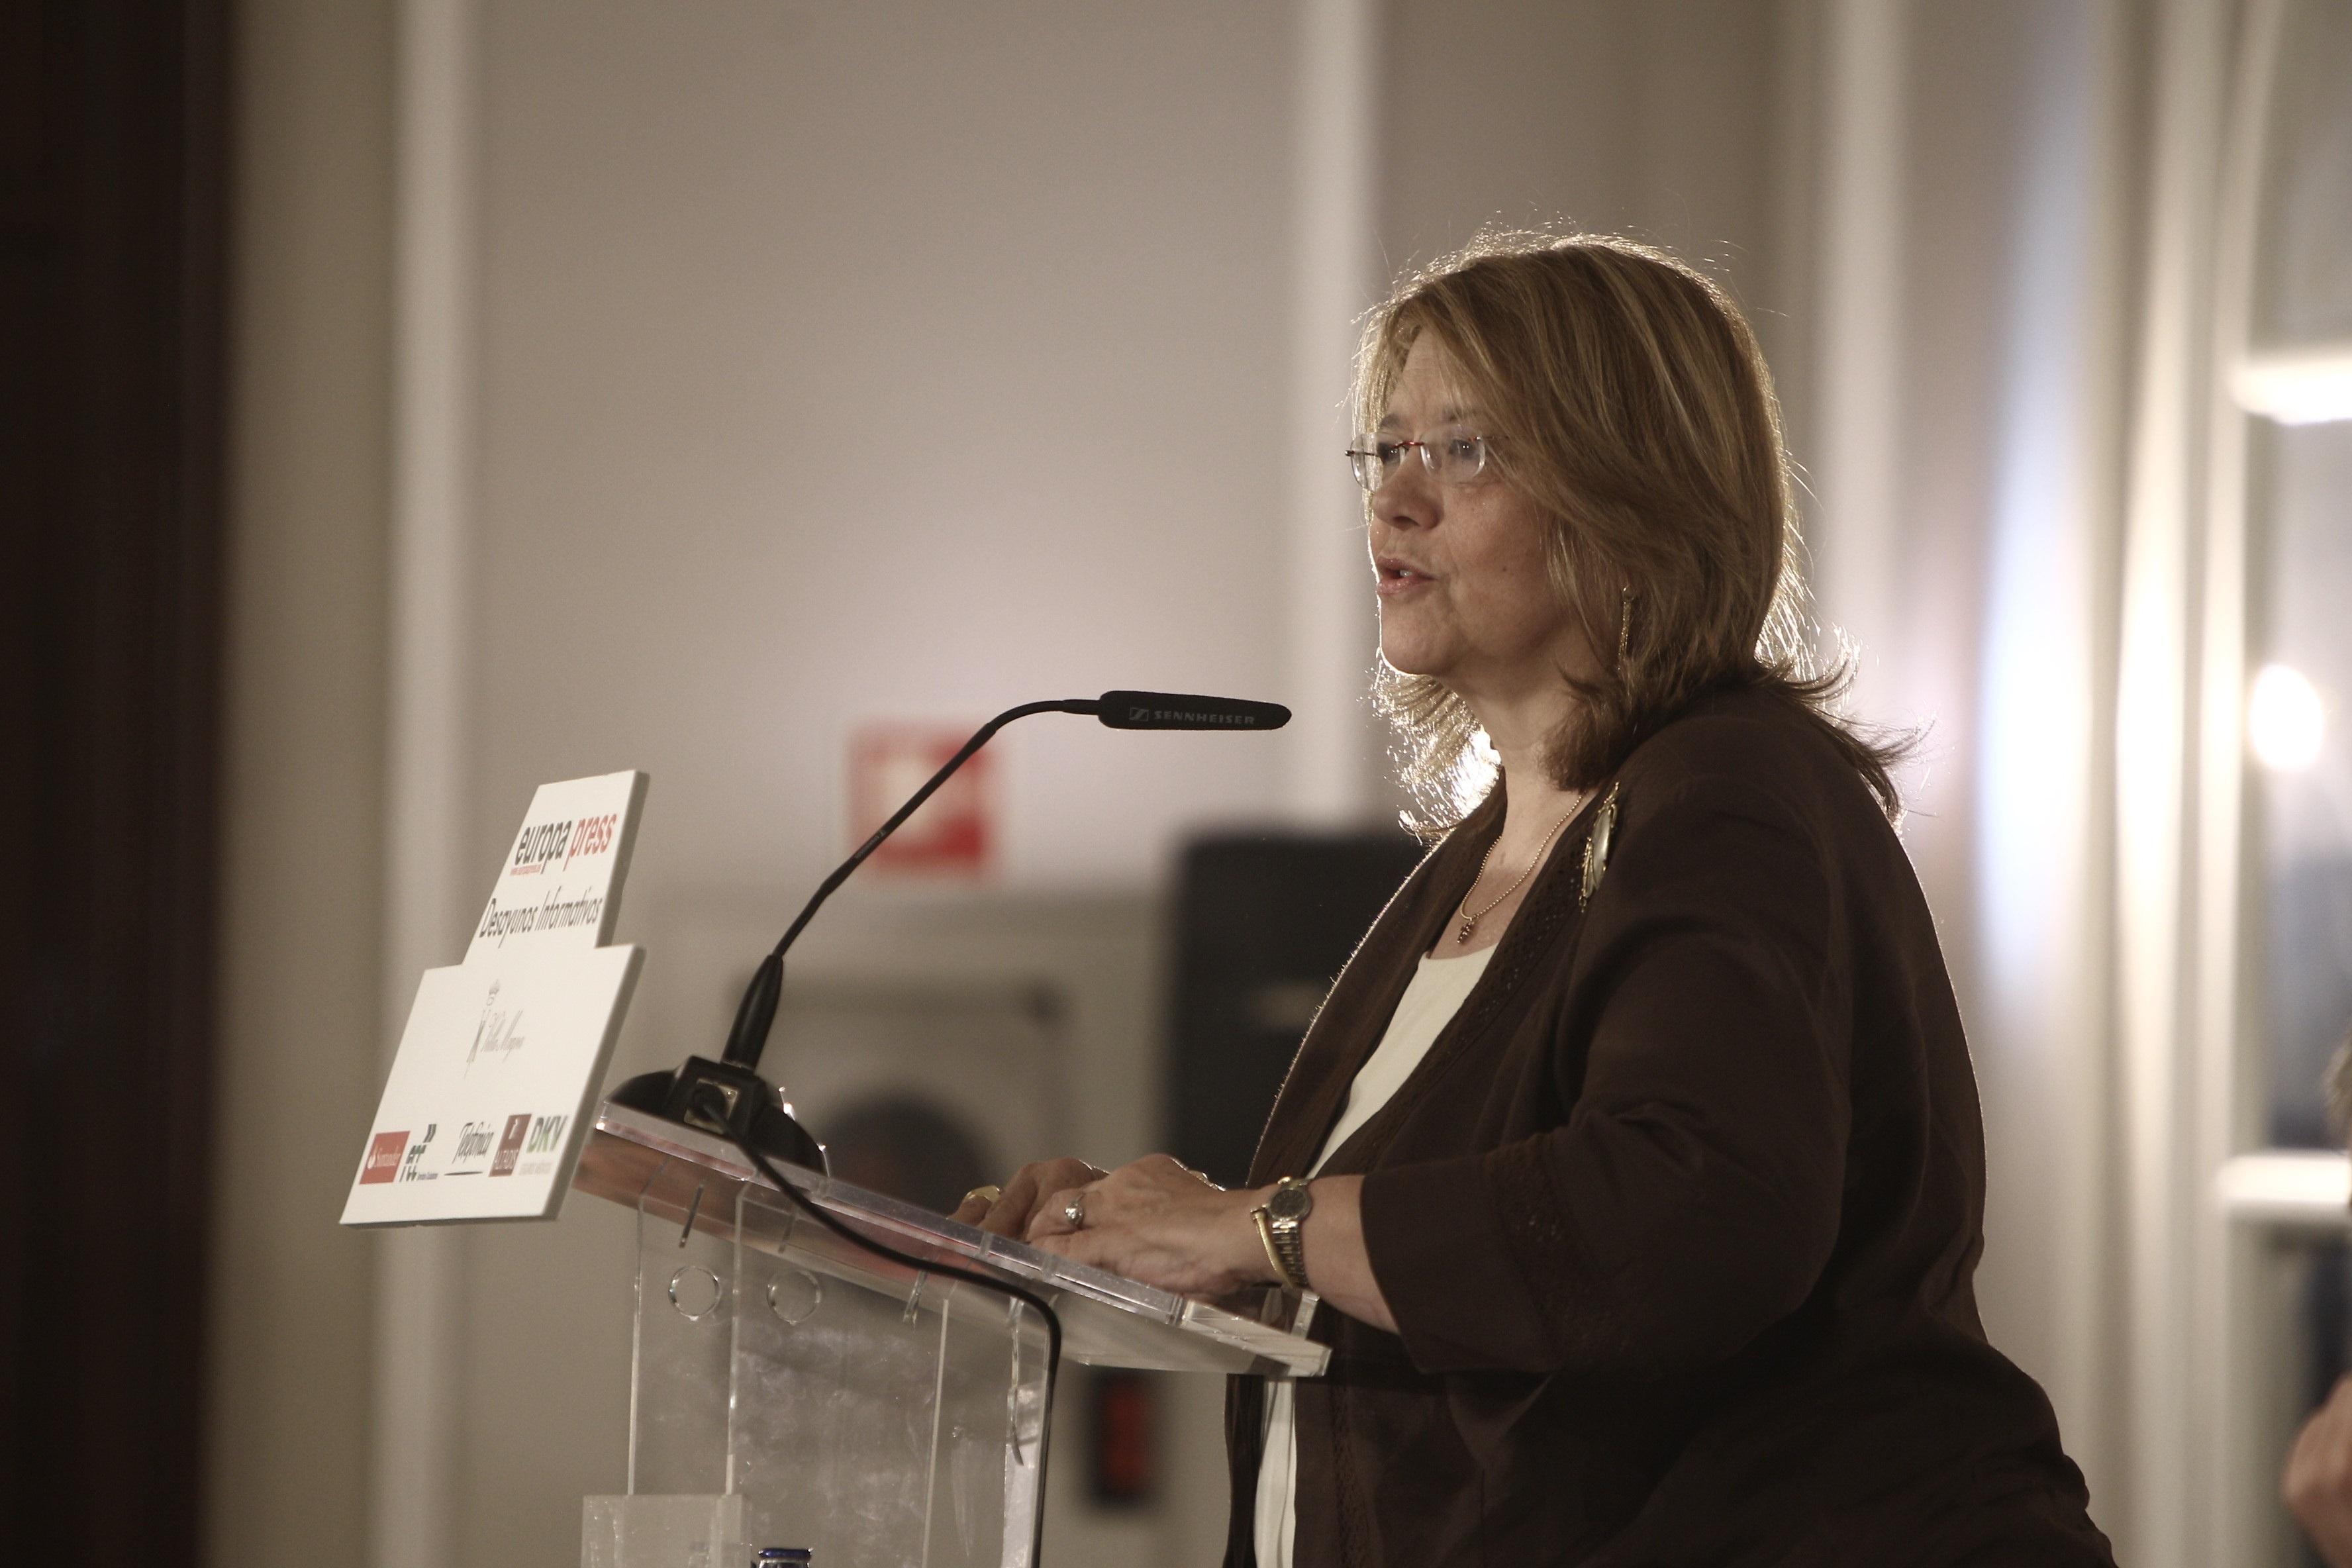 La presidenta de la CNMV se mete (ella sola) en un lío